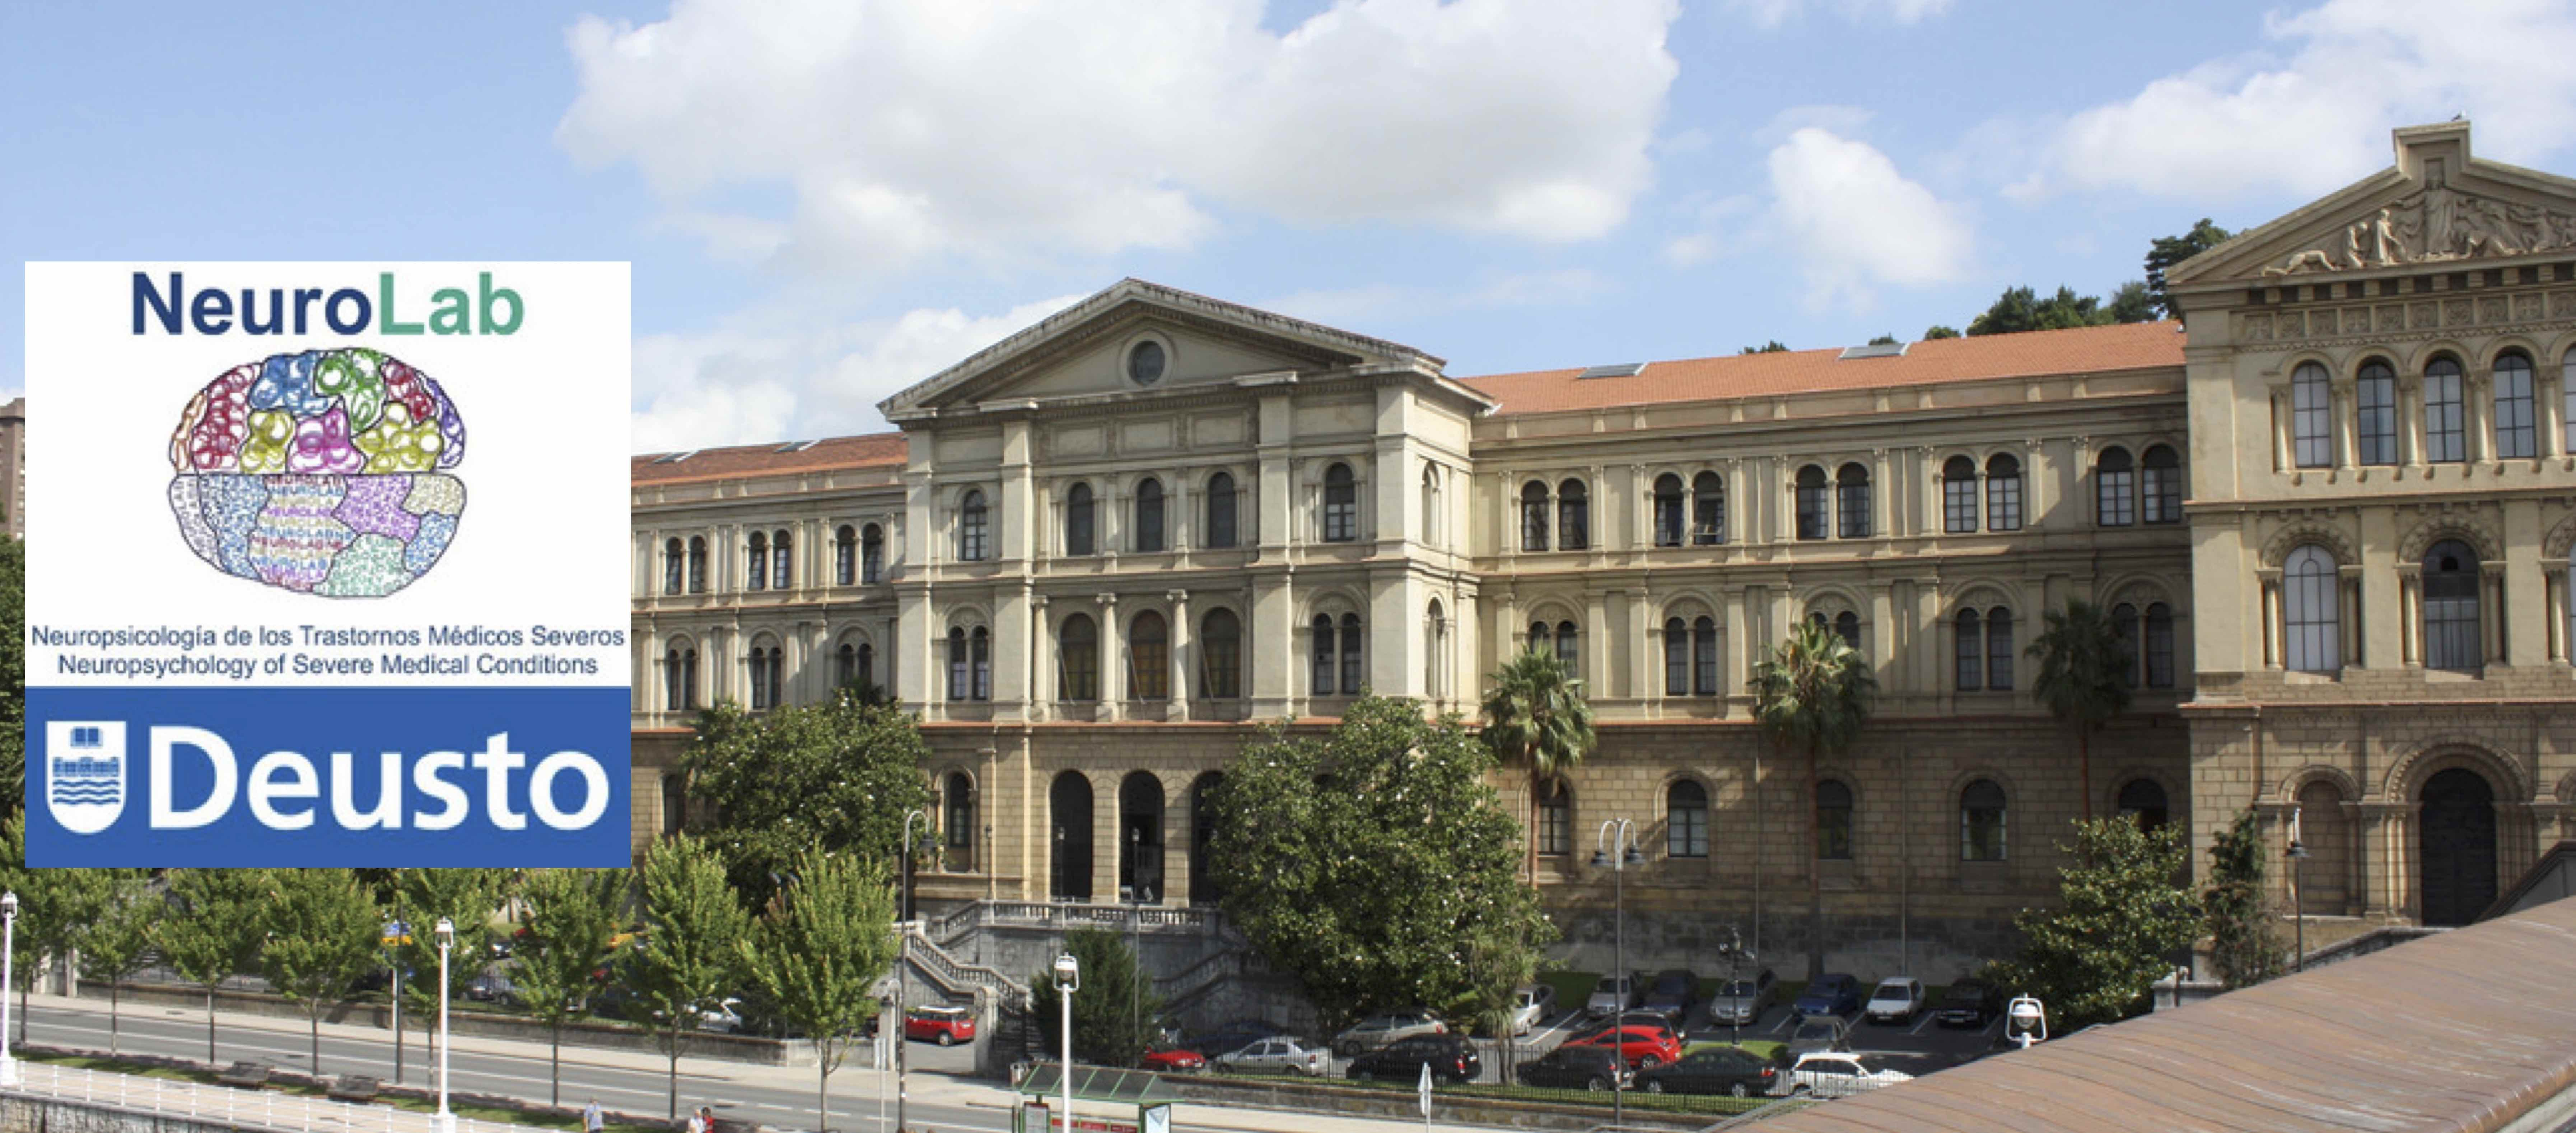 Colaboración de Asparbi con la Universidad de Deusto